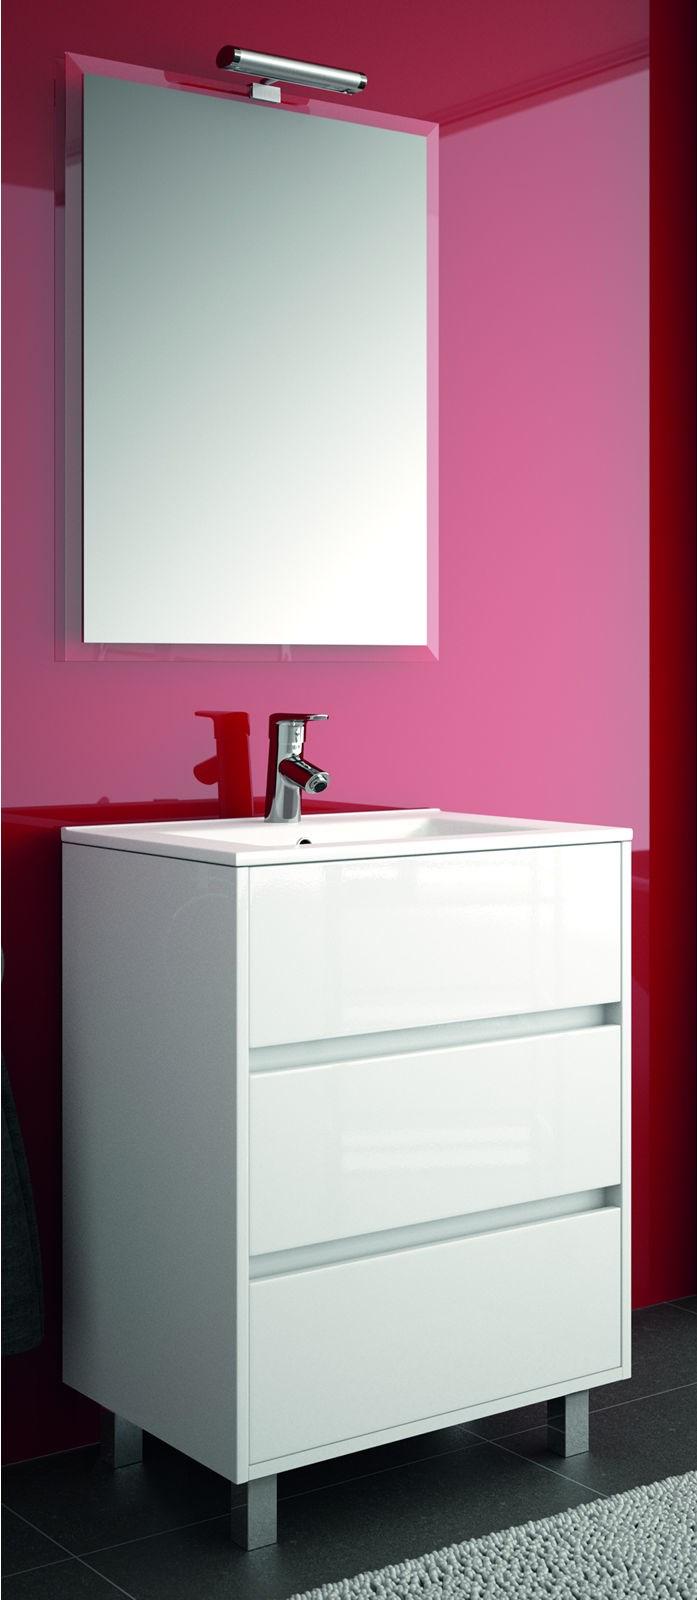 meuble salle de bain rouge pas cher. Black Bedroom Furniture Sets. Home Design Ideas